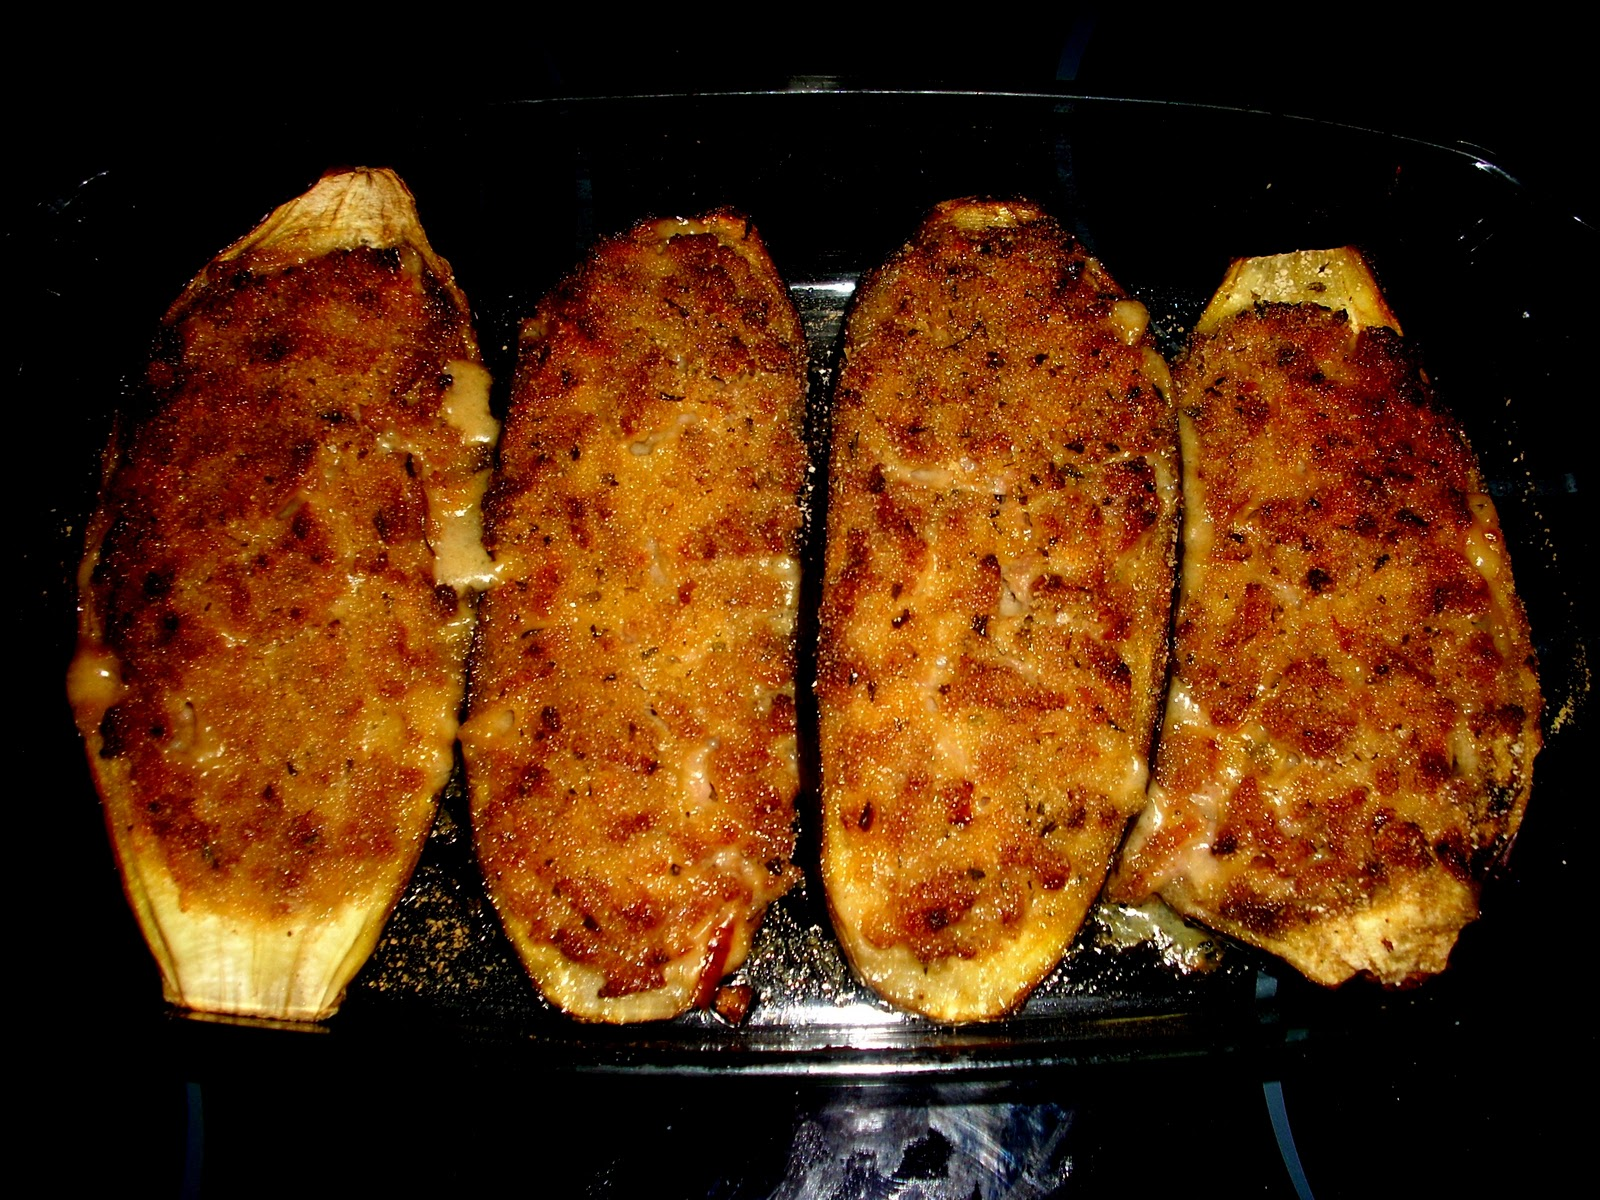 Cocina con fogones berenjenas rellenas de carne picada for Cocina berenjenas rellenas